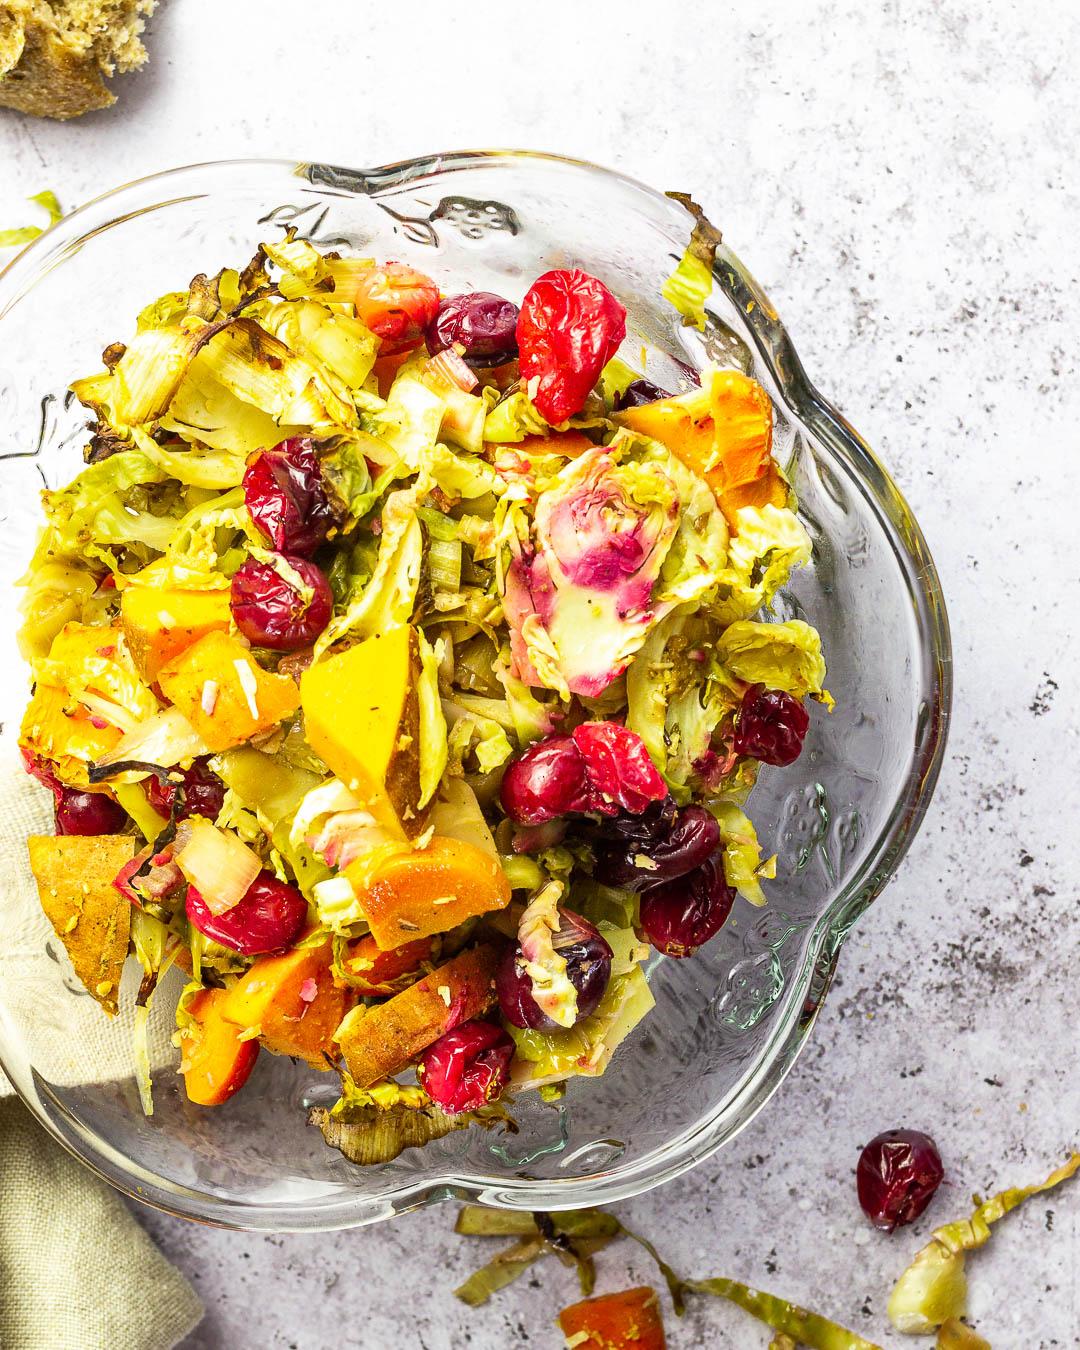 Vegane und Ölfreie Gemüse-Füllung für dein nächstes Feiertagsmenü an Weihnachten oder anderen Festlichkeiten. Perfekt als Beilage.